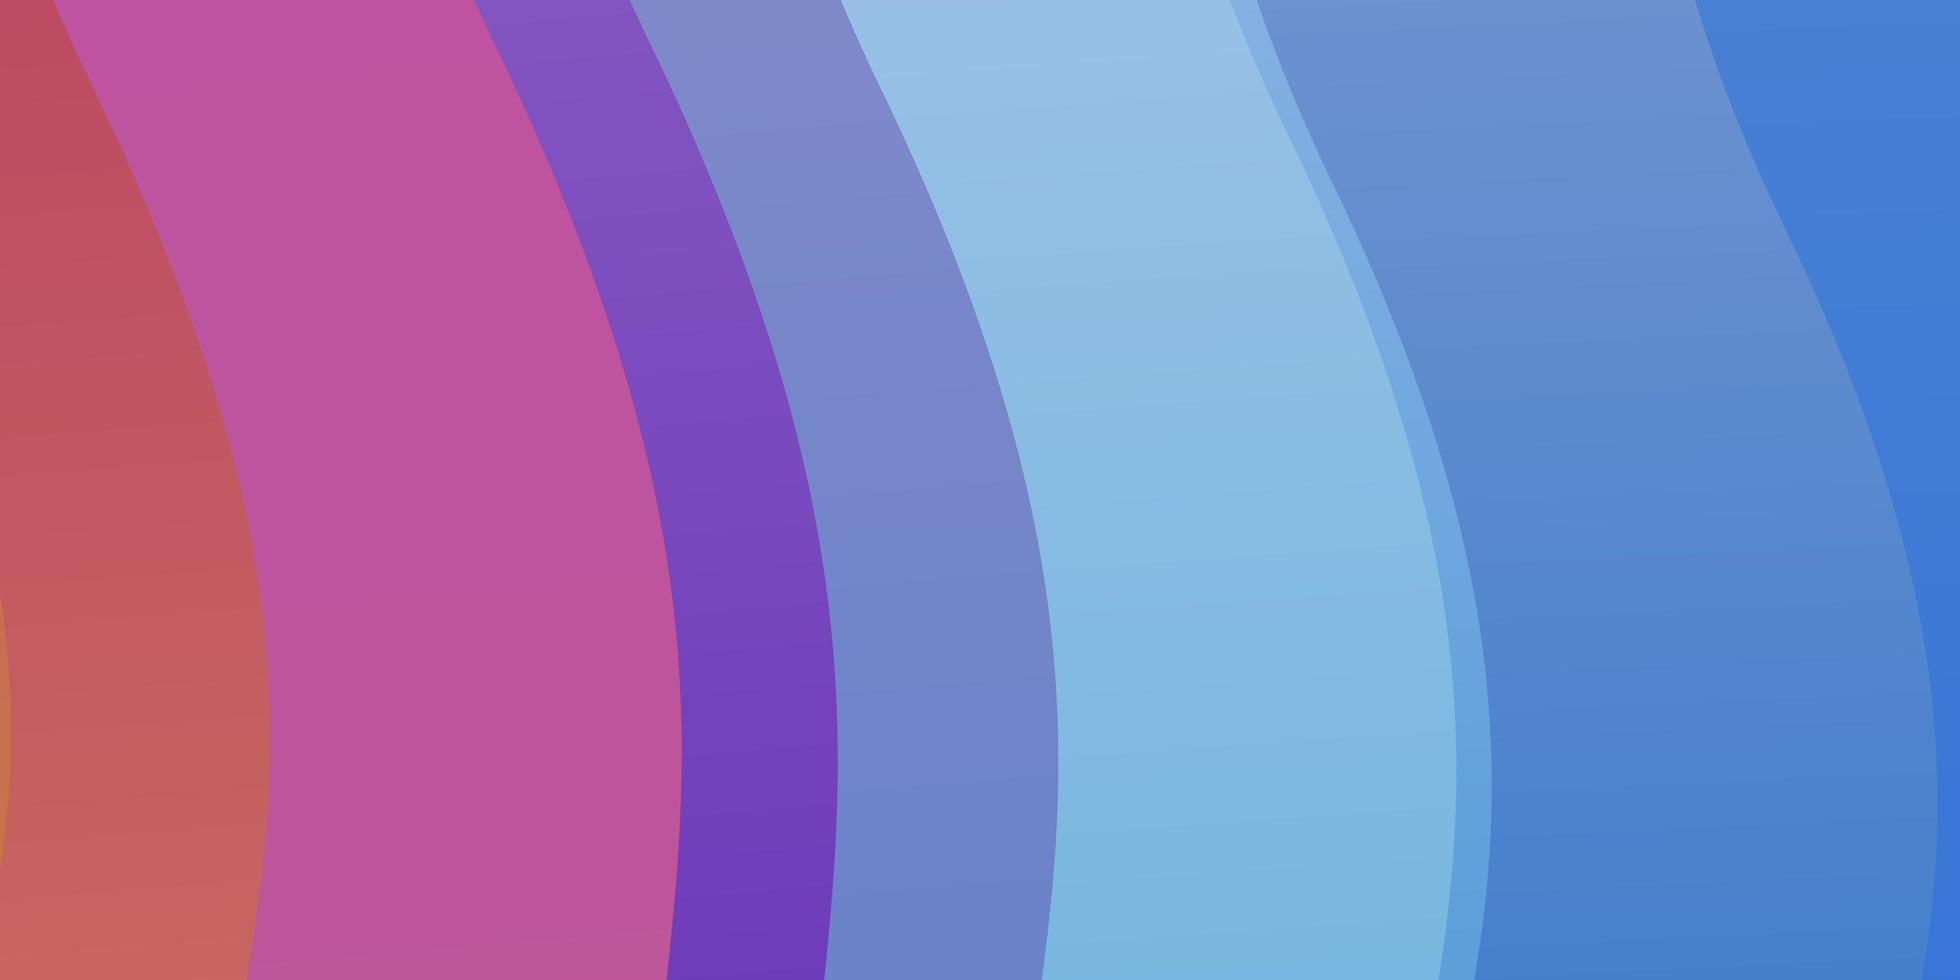 modèle vectoriel bleu clair, rouge avec des lignes sinueuses.